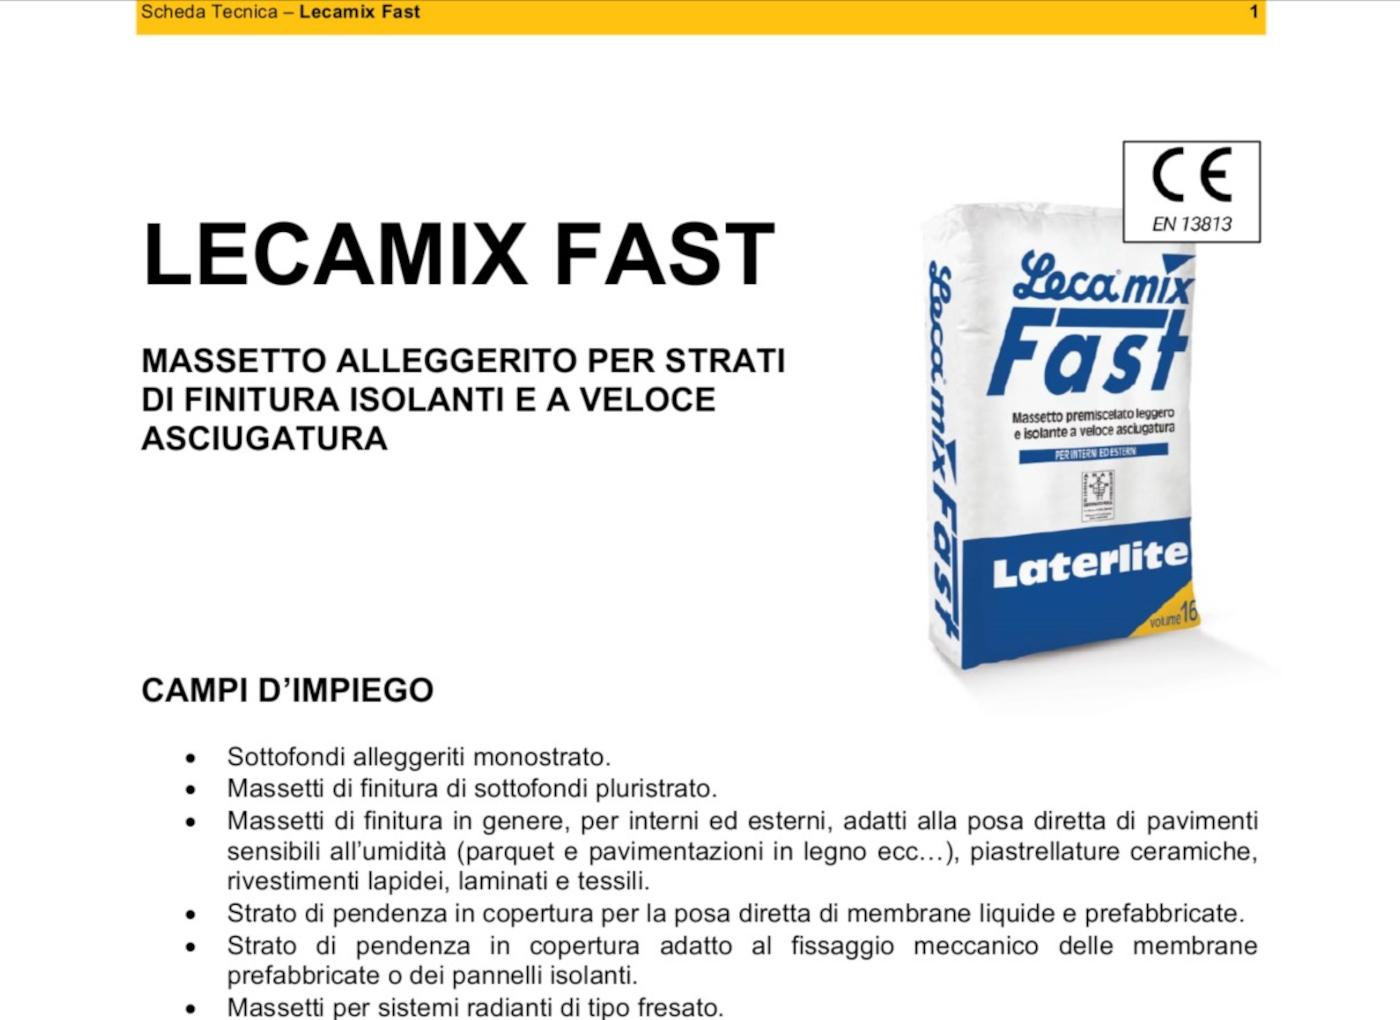 scheda-tecnica-lecamix-fast